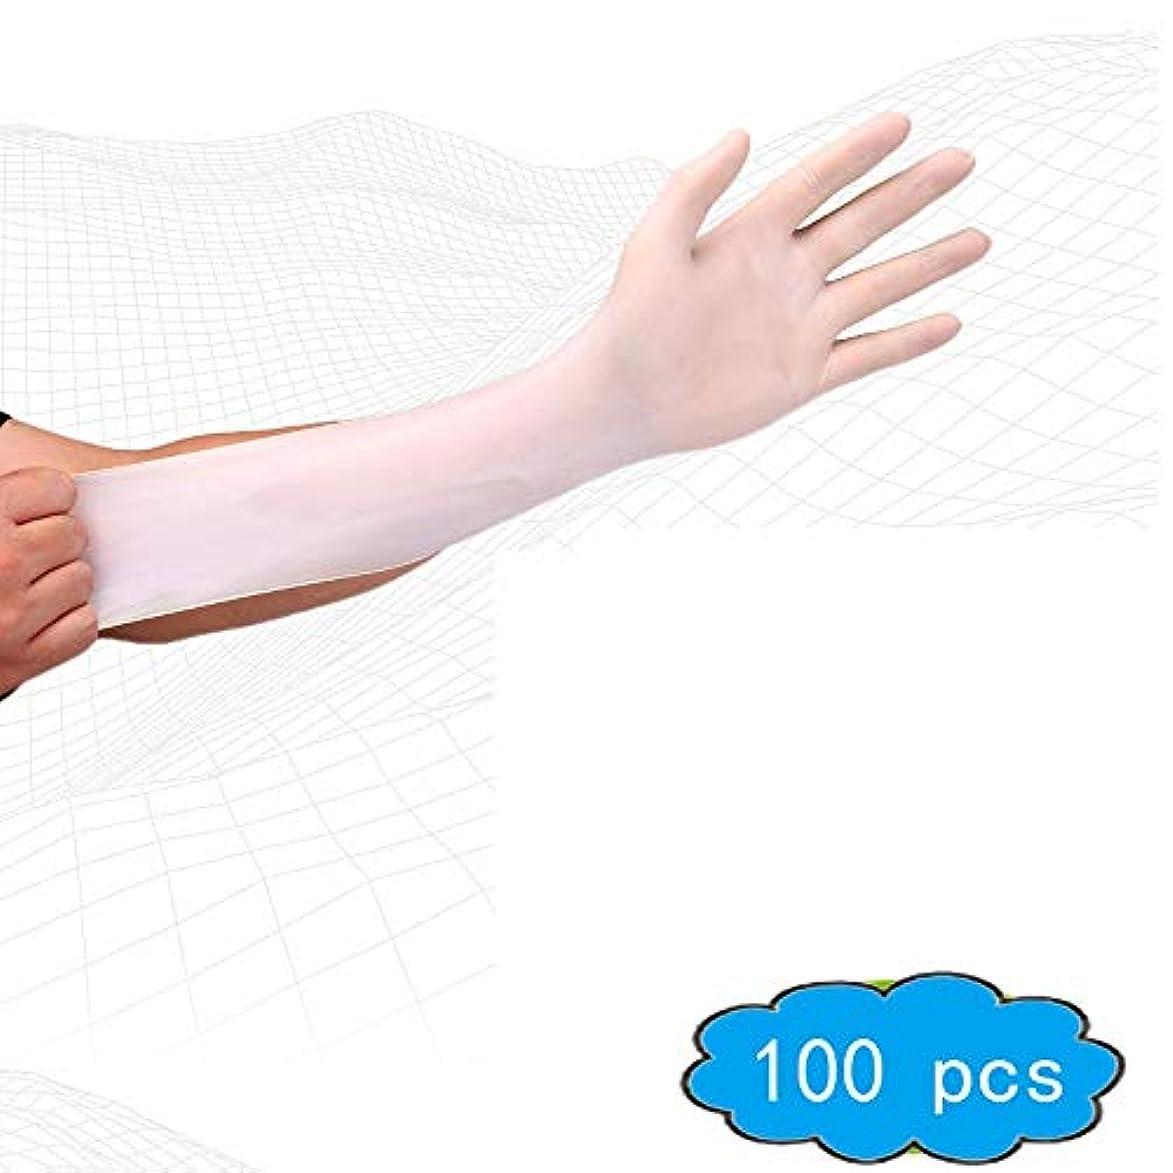 着実に文庫本酸使い捨てラテックス手袋、パウダーなし/ポックマーク/左手および右手、100箱、厚手、食品グレード、実験室、電子機器、ケータリング、高弾性手袋 (Color : Beige, Size : XS)